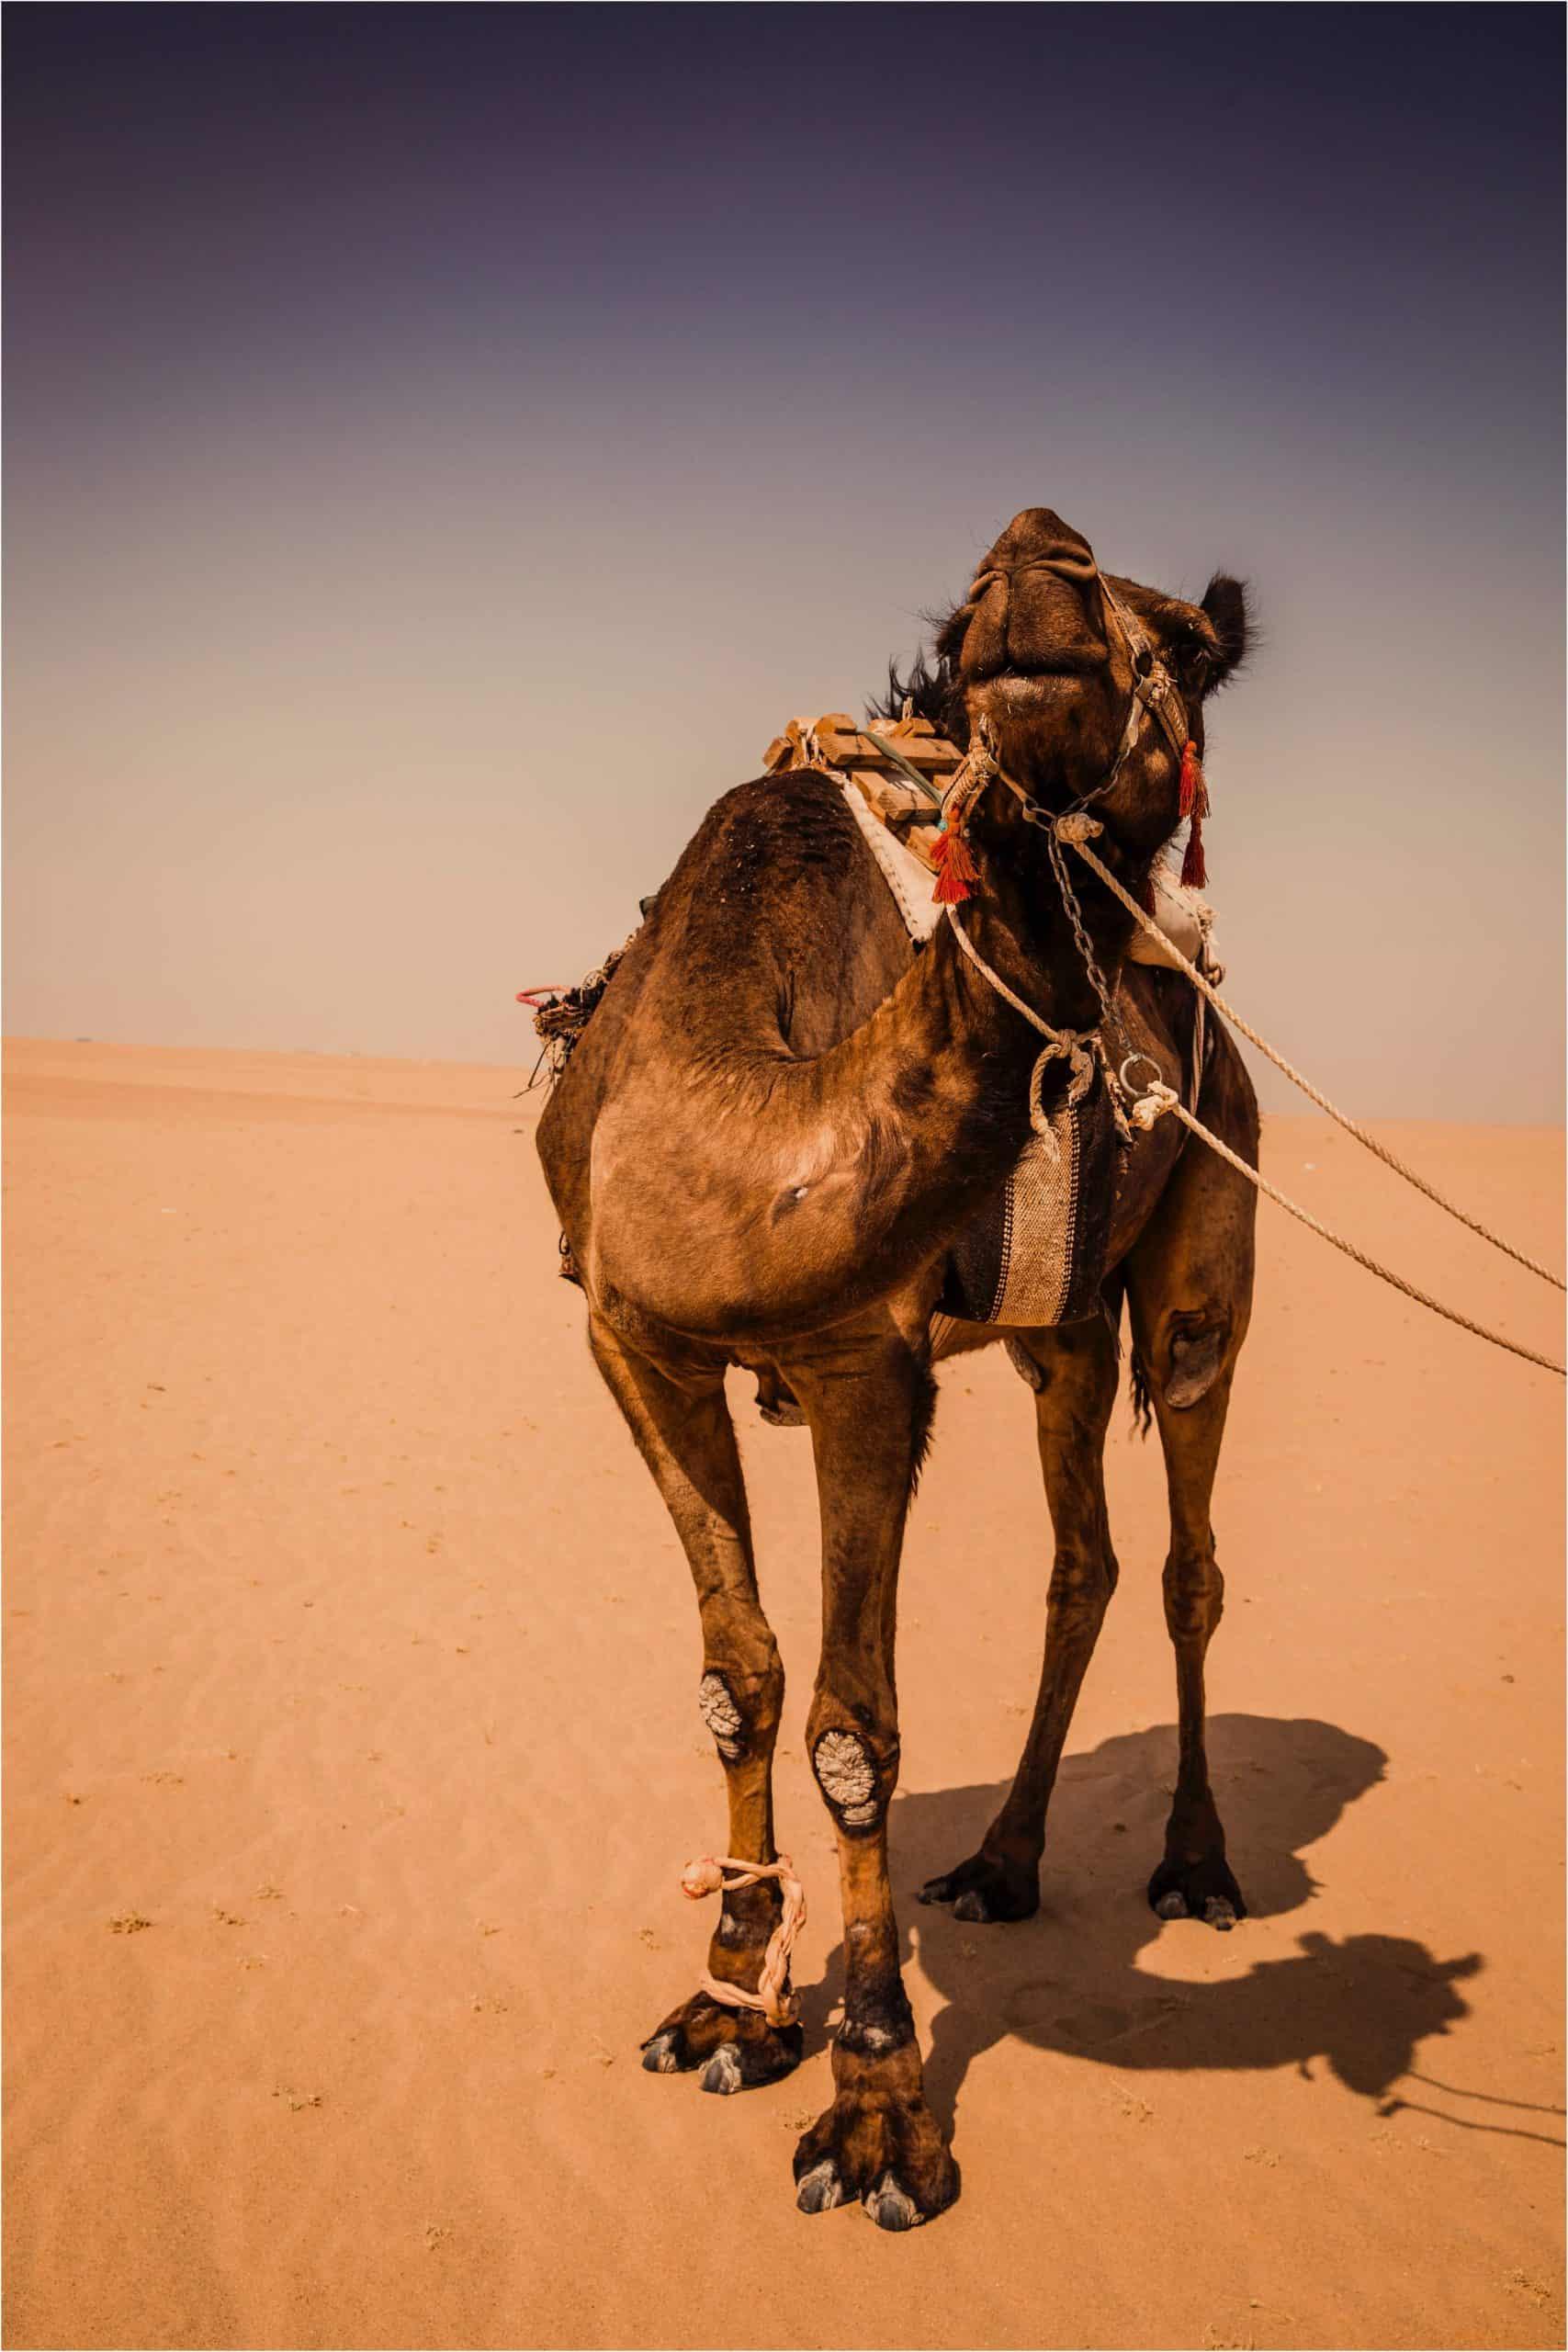 kuwait sim card for tourist, sim card kuwait, kuwait sim card, kuwait tourist sim card, kuwait prepaid sim card,